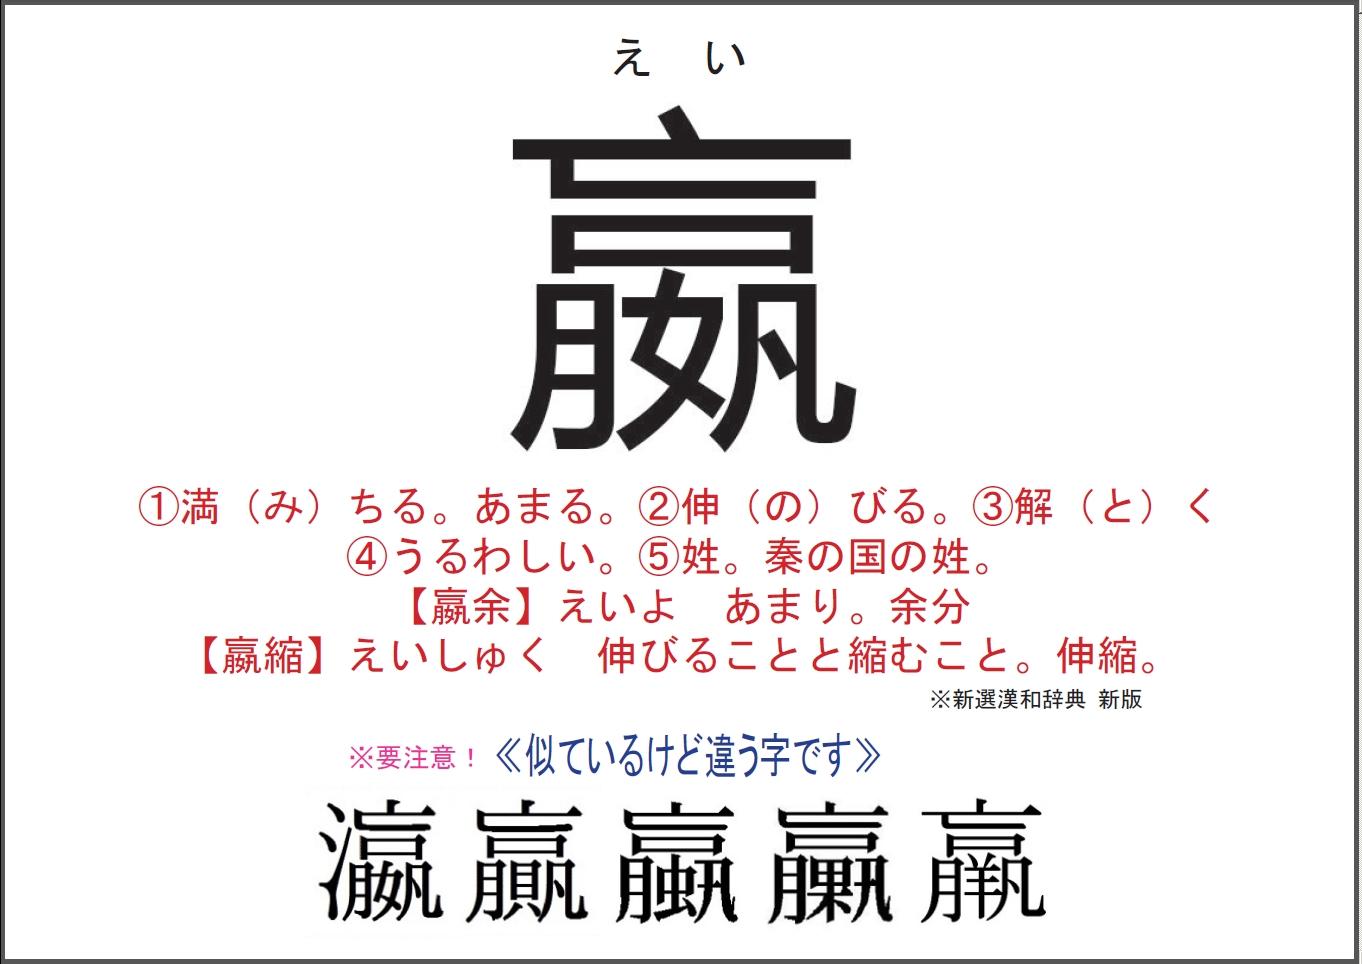 漢字 ひい おじいさん おじいさん